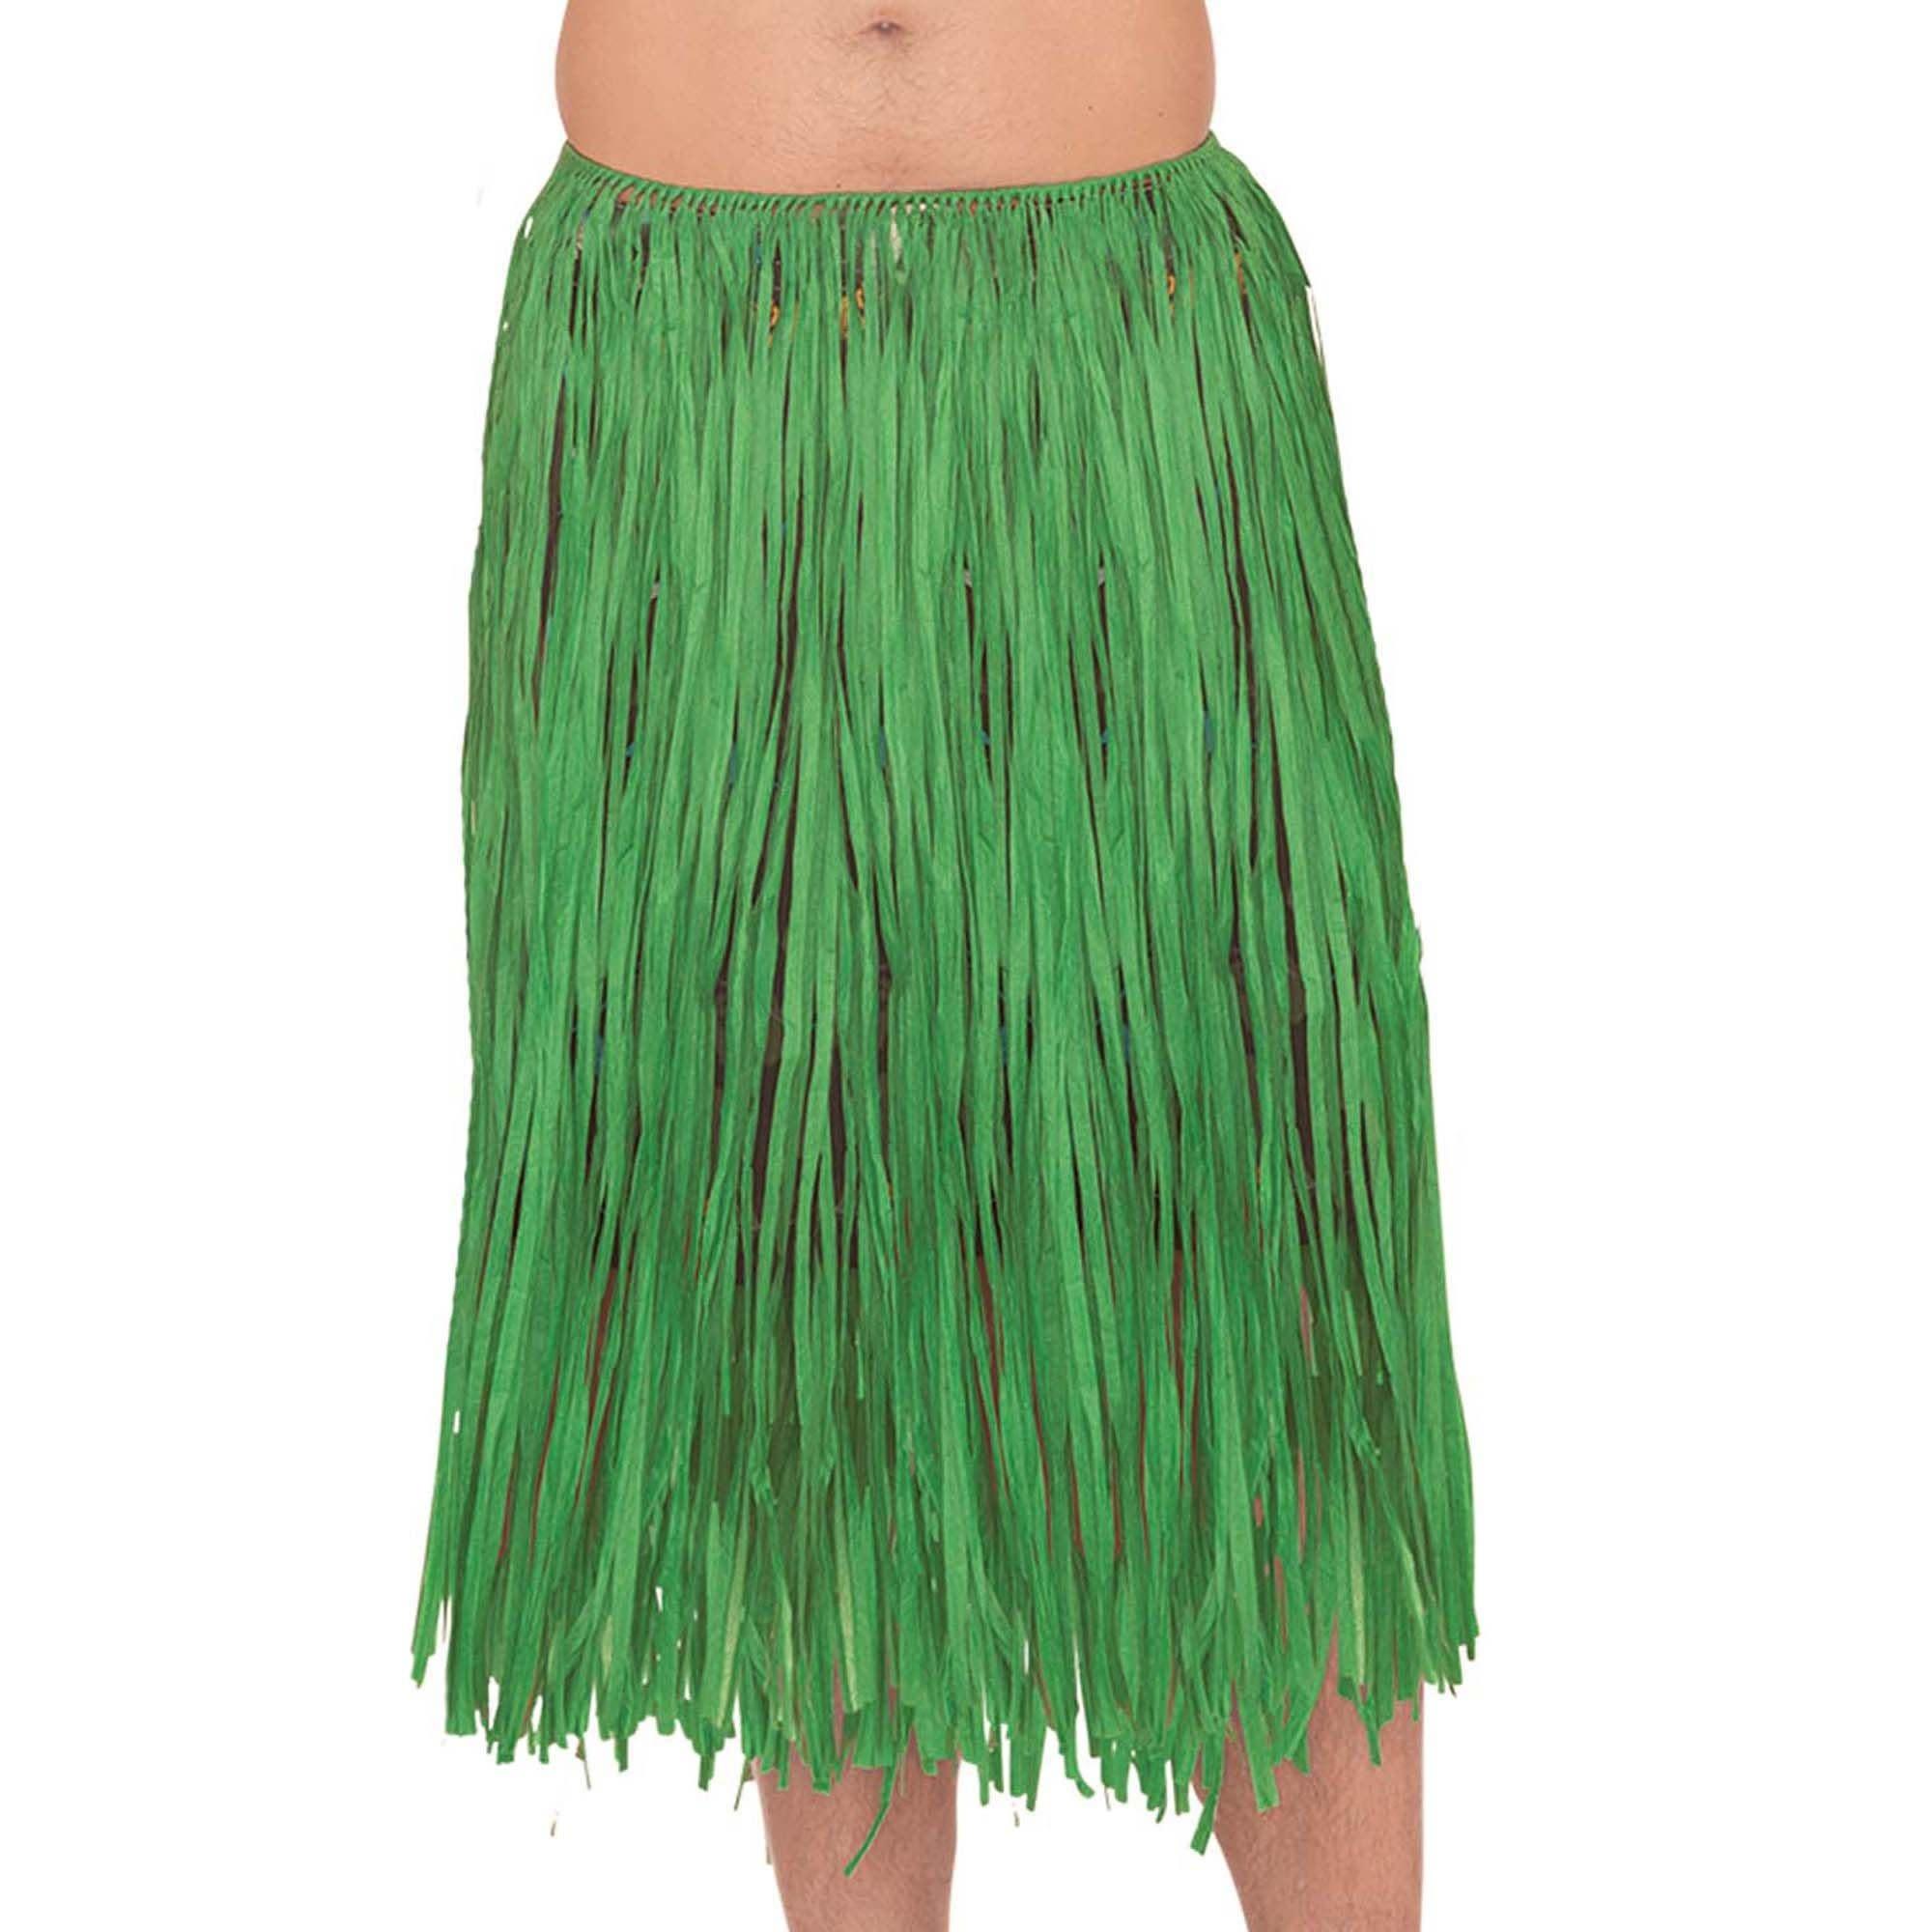 Adult XL Green Grass Skirt